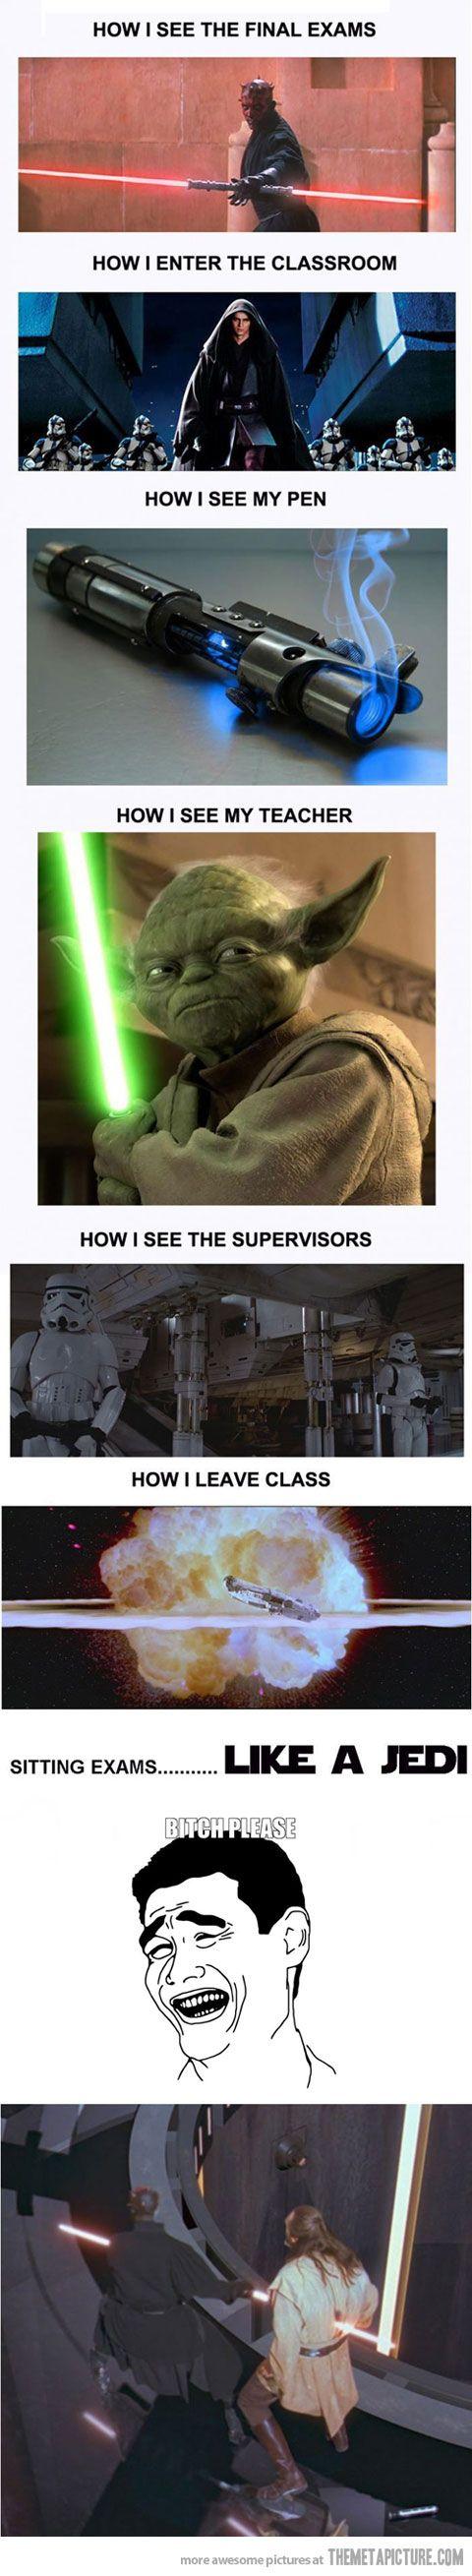 Sitting Exams Like a Jedi